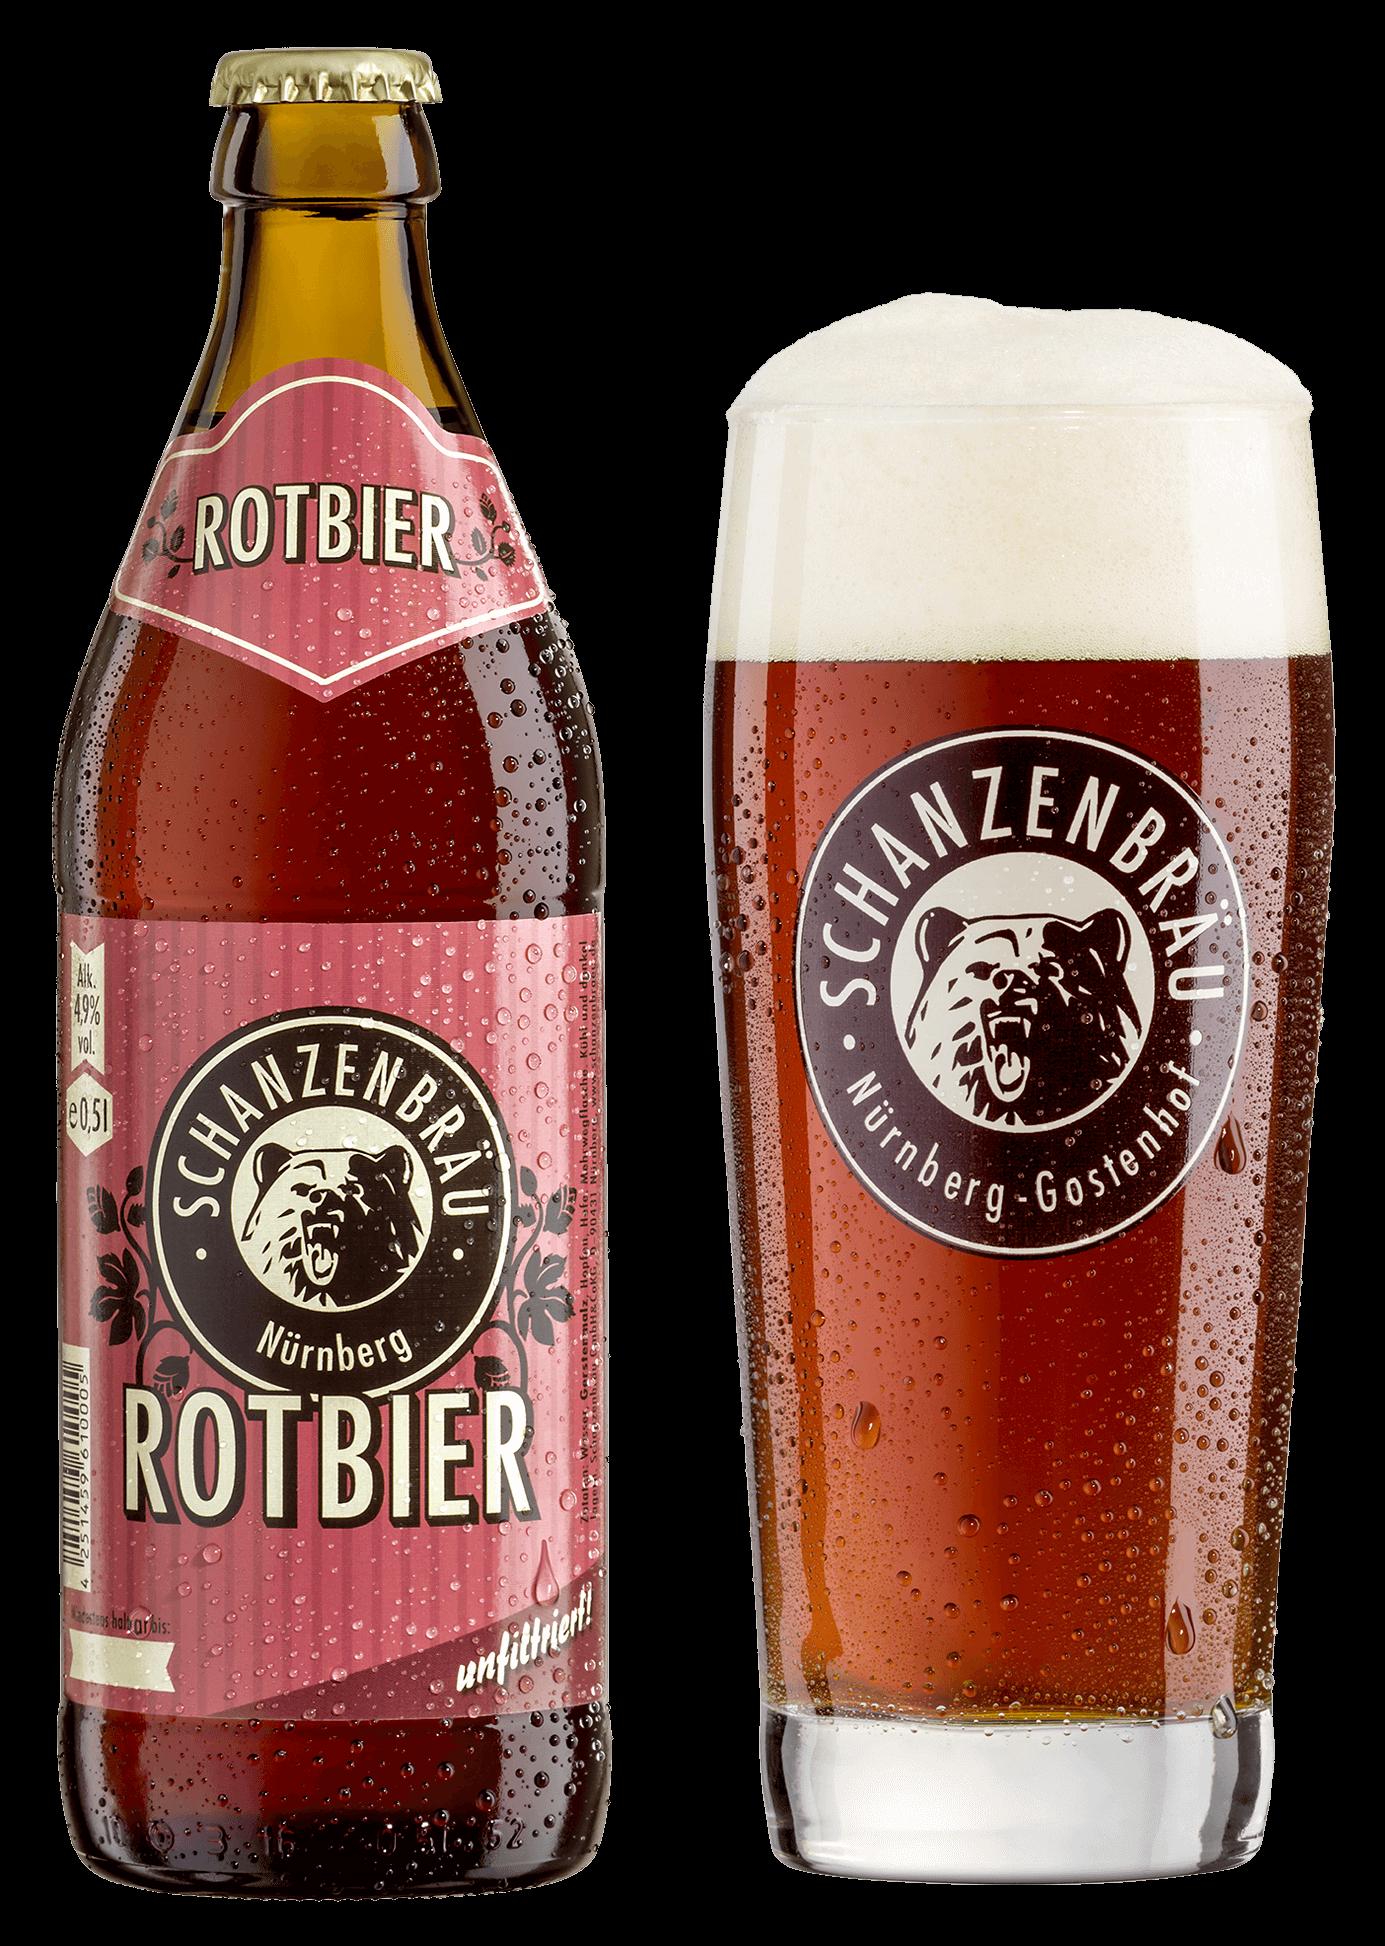 Nürnberger Rotbier